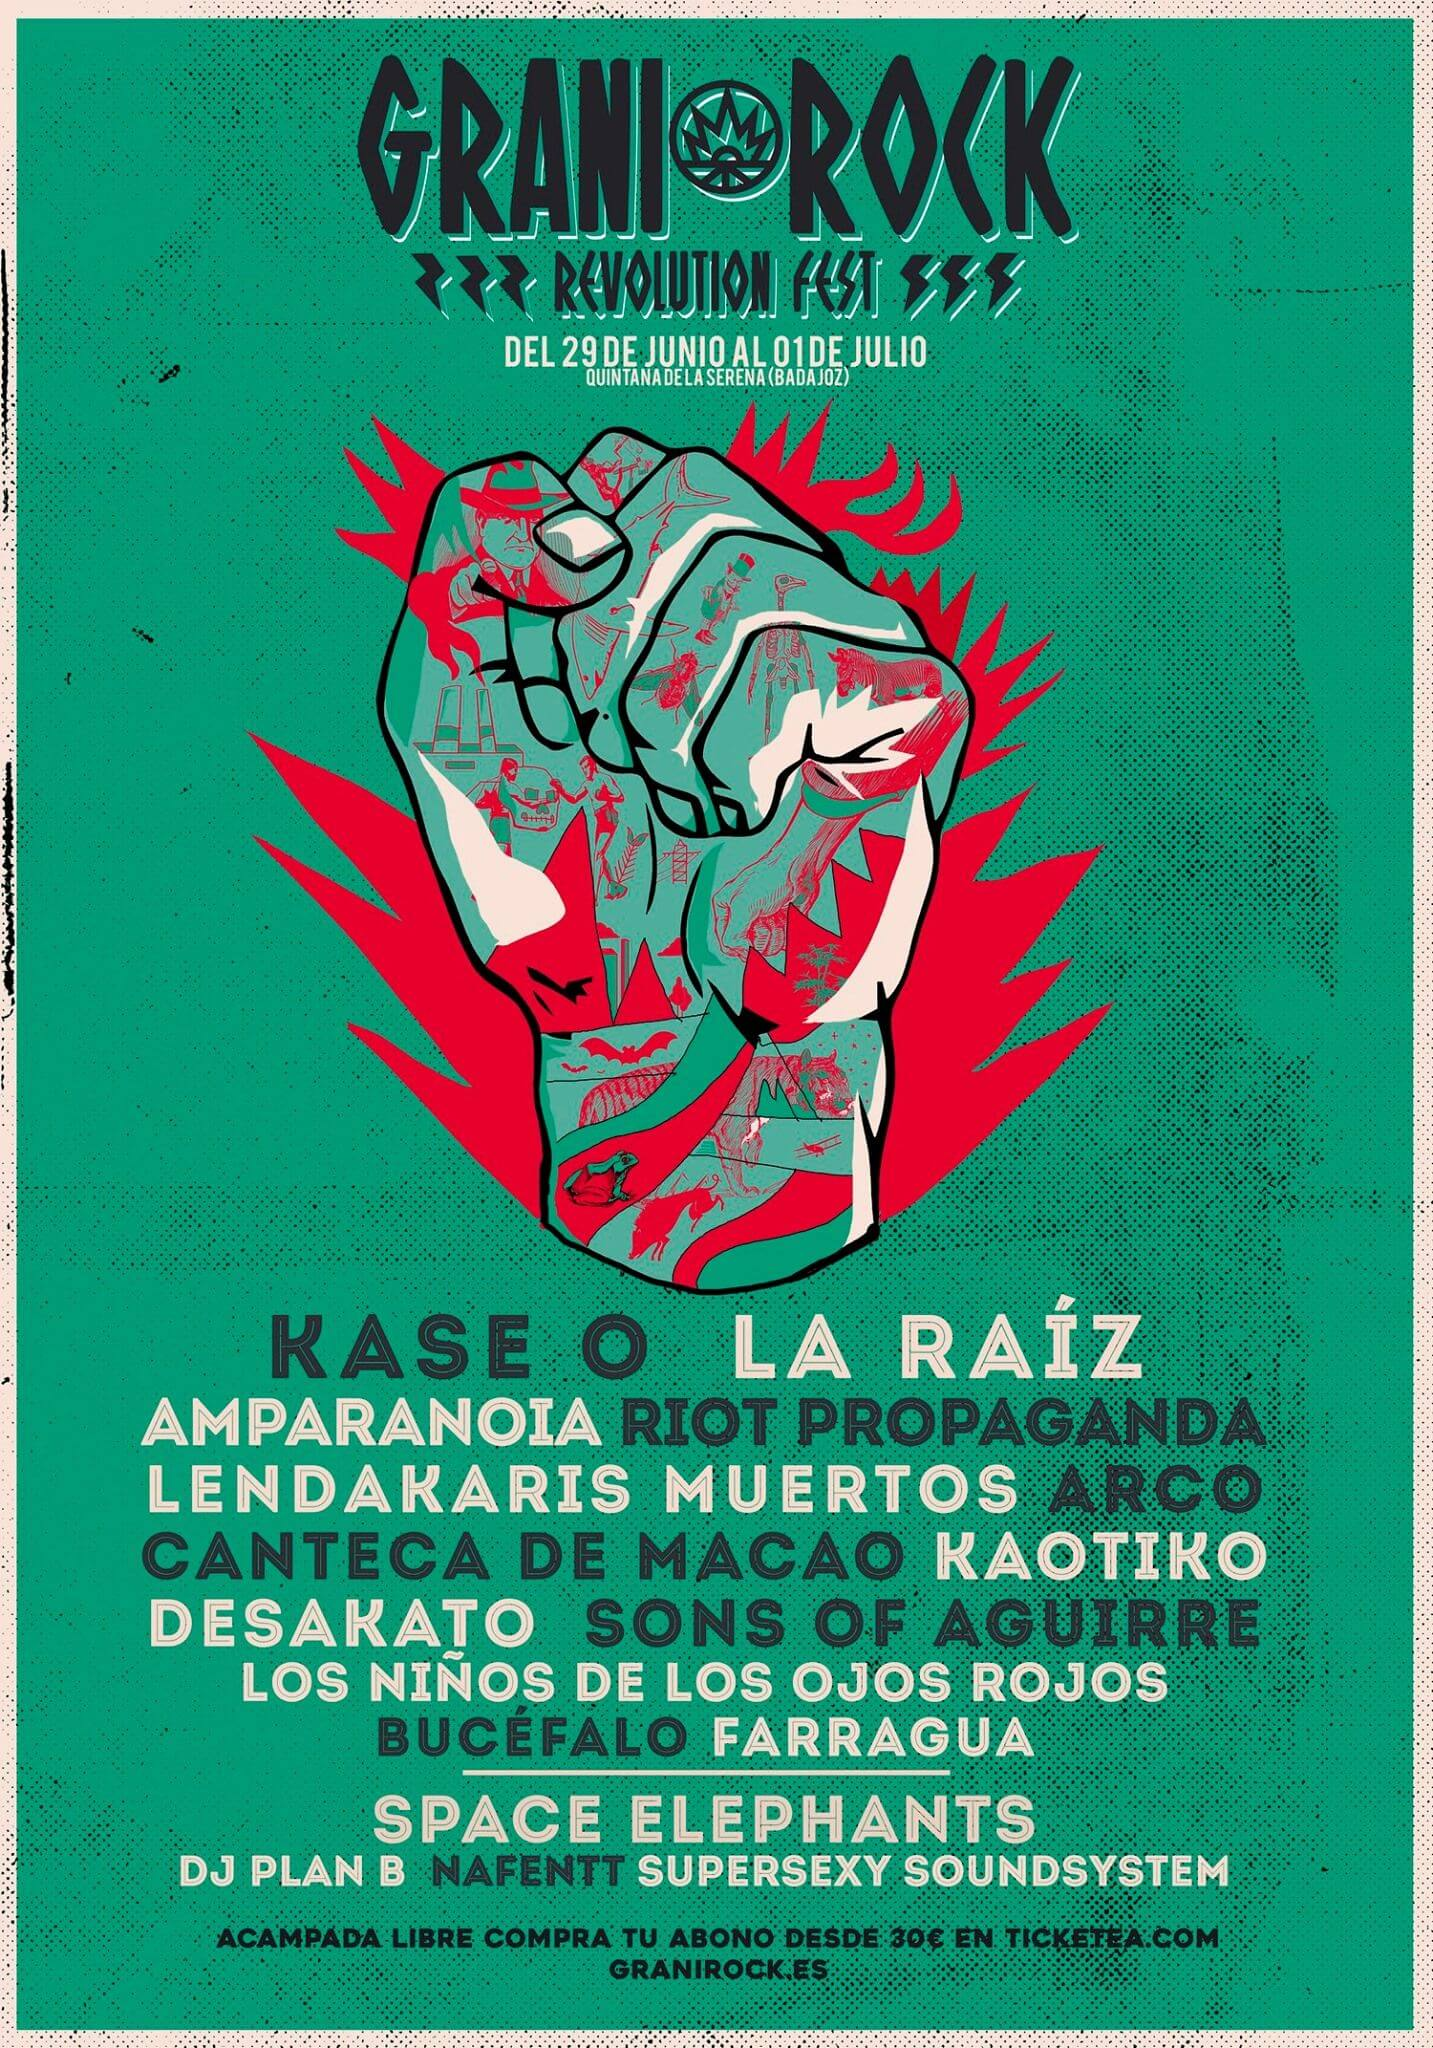 Granirock Fest - Quintana de la Serena (Badajoz) @ Granirock Fest | Quintana de la Serena | Extremadura | España